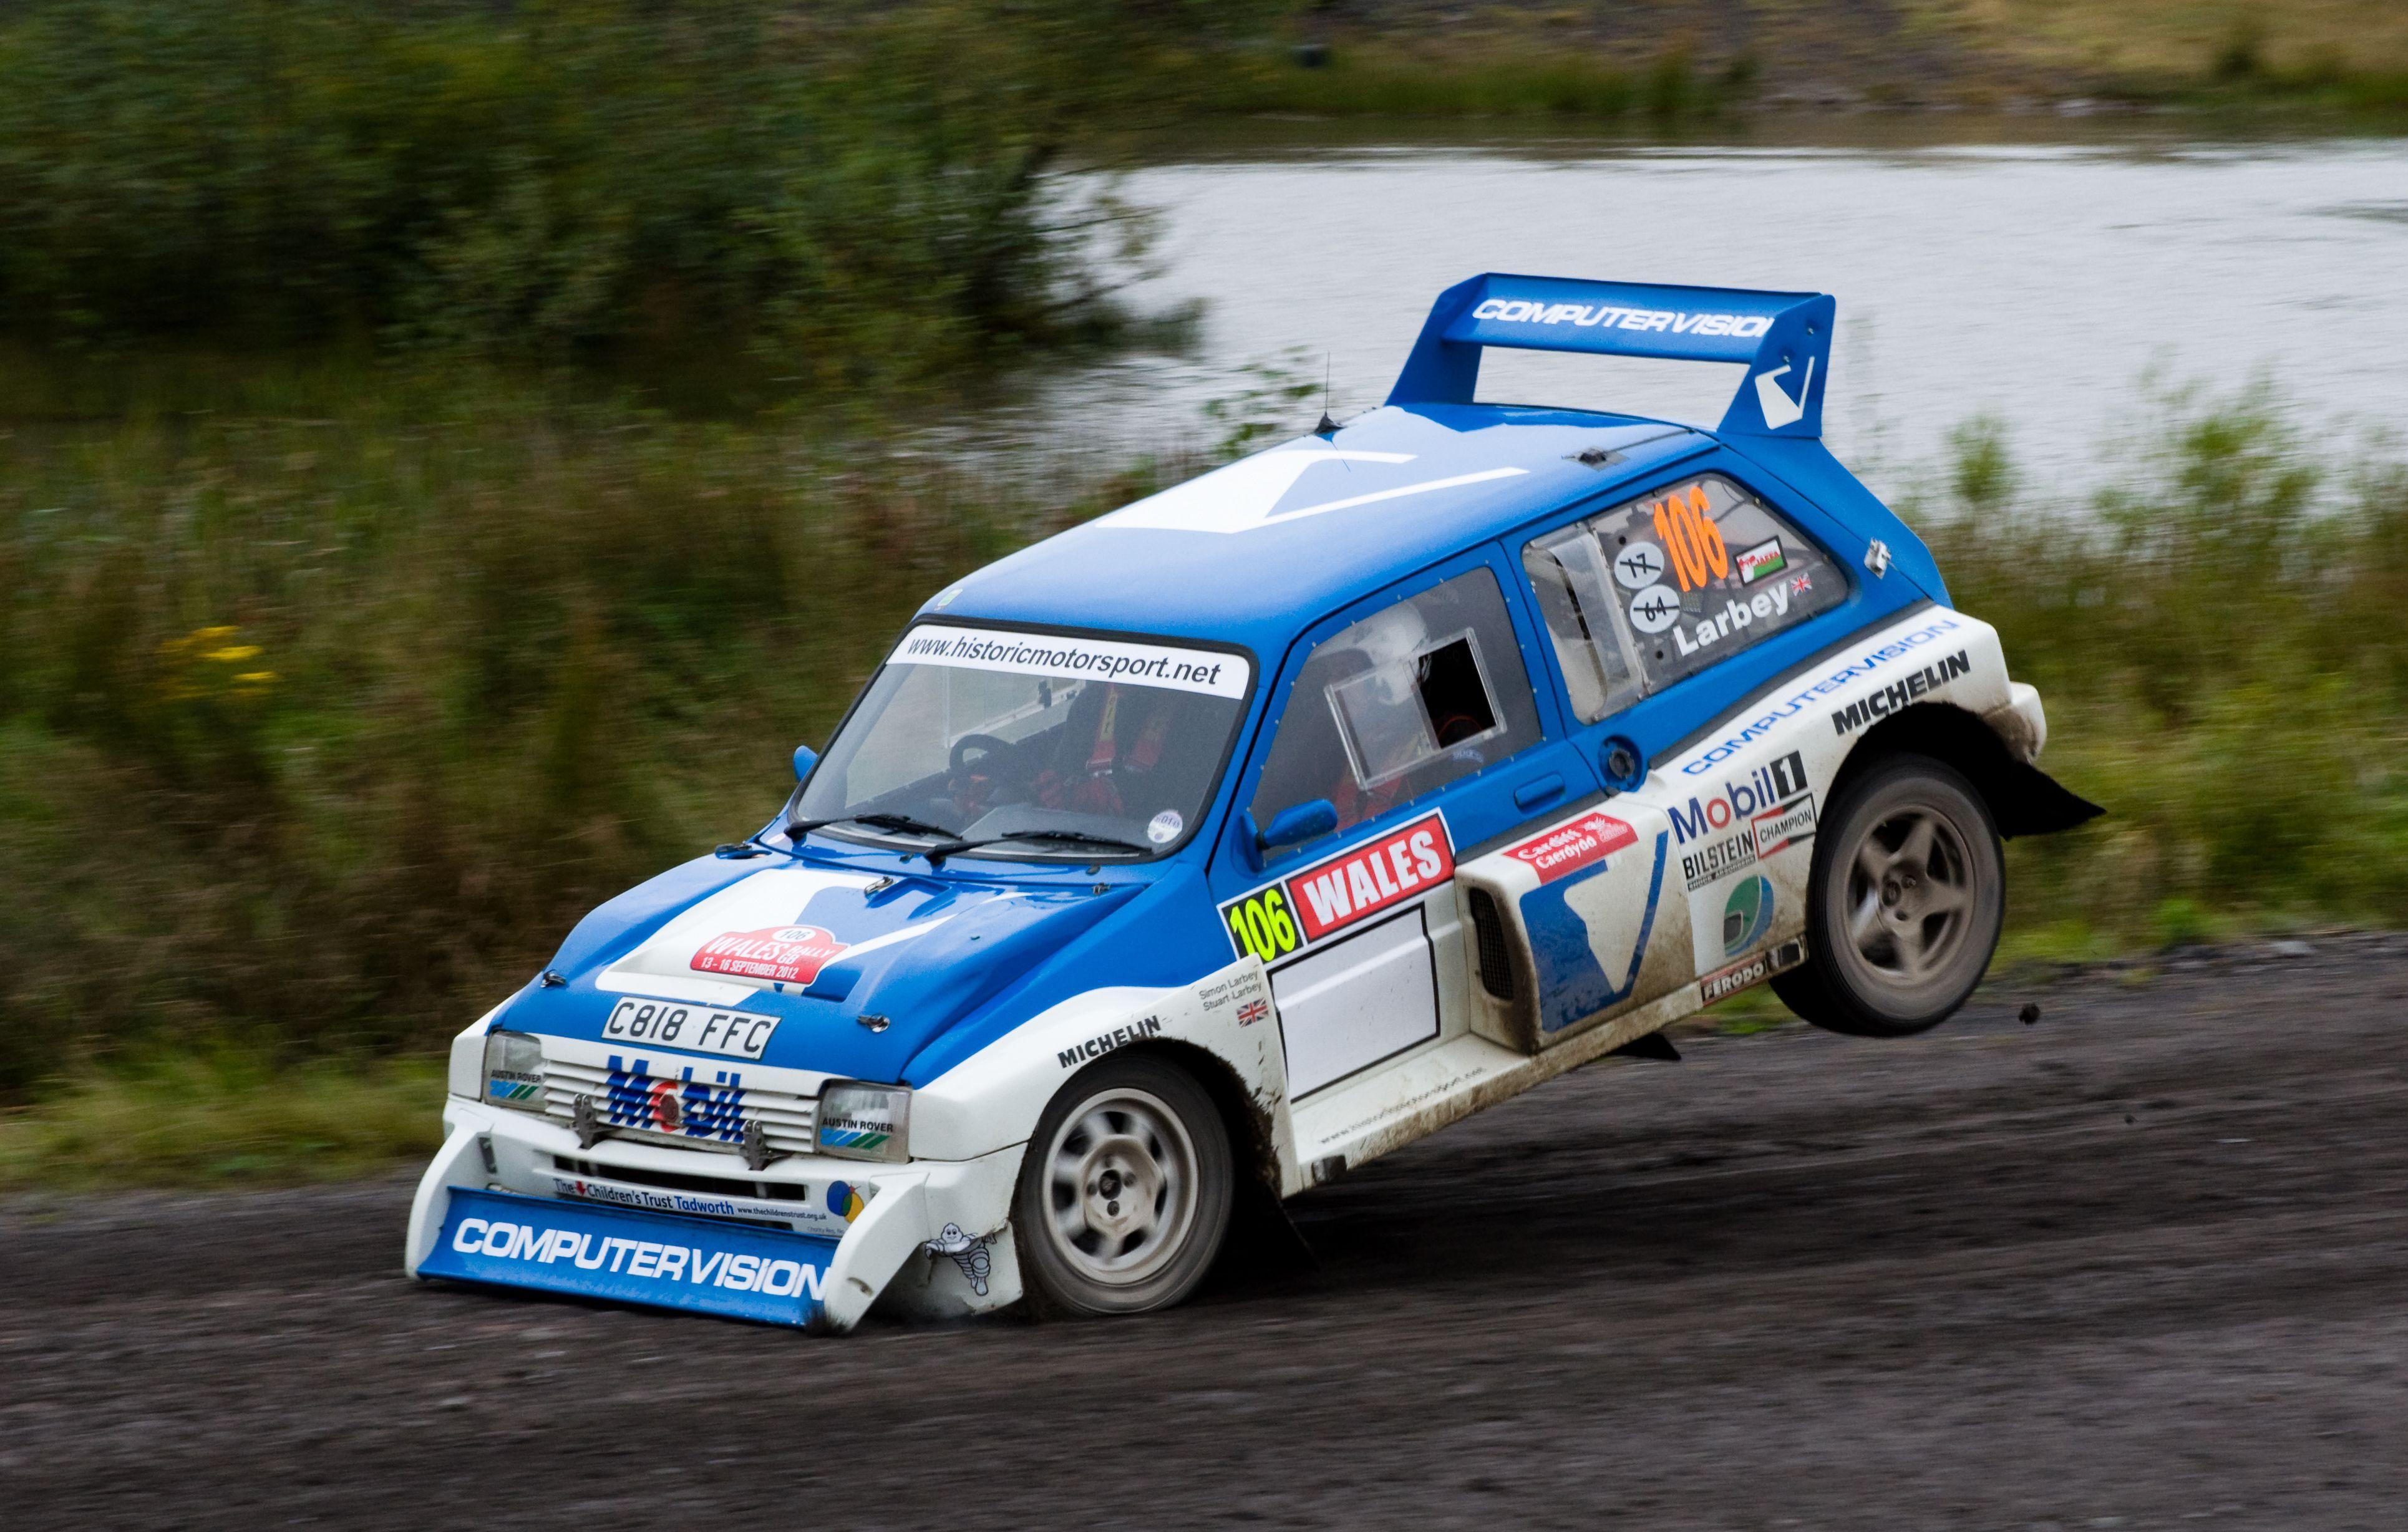 Group B Rally Metro 6R4 | Rally | Pinterest | Rally, Rally car and ...